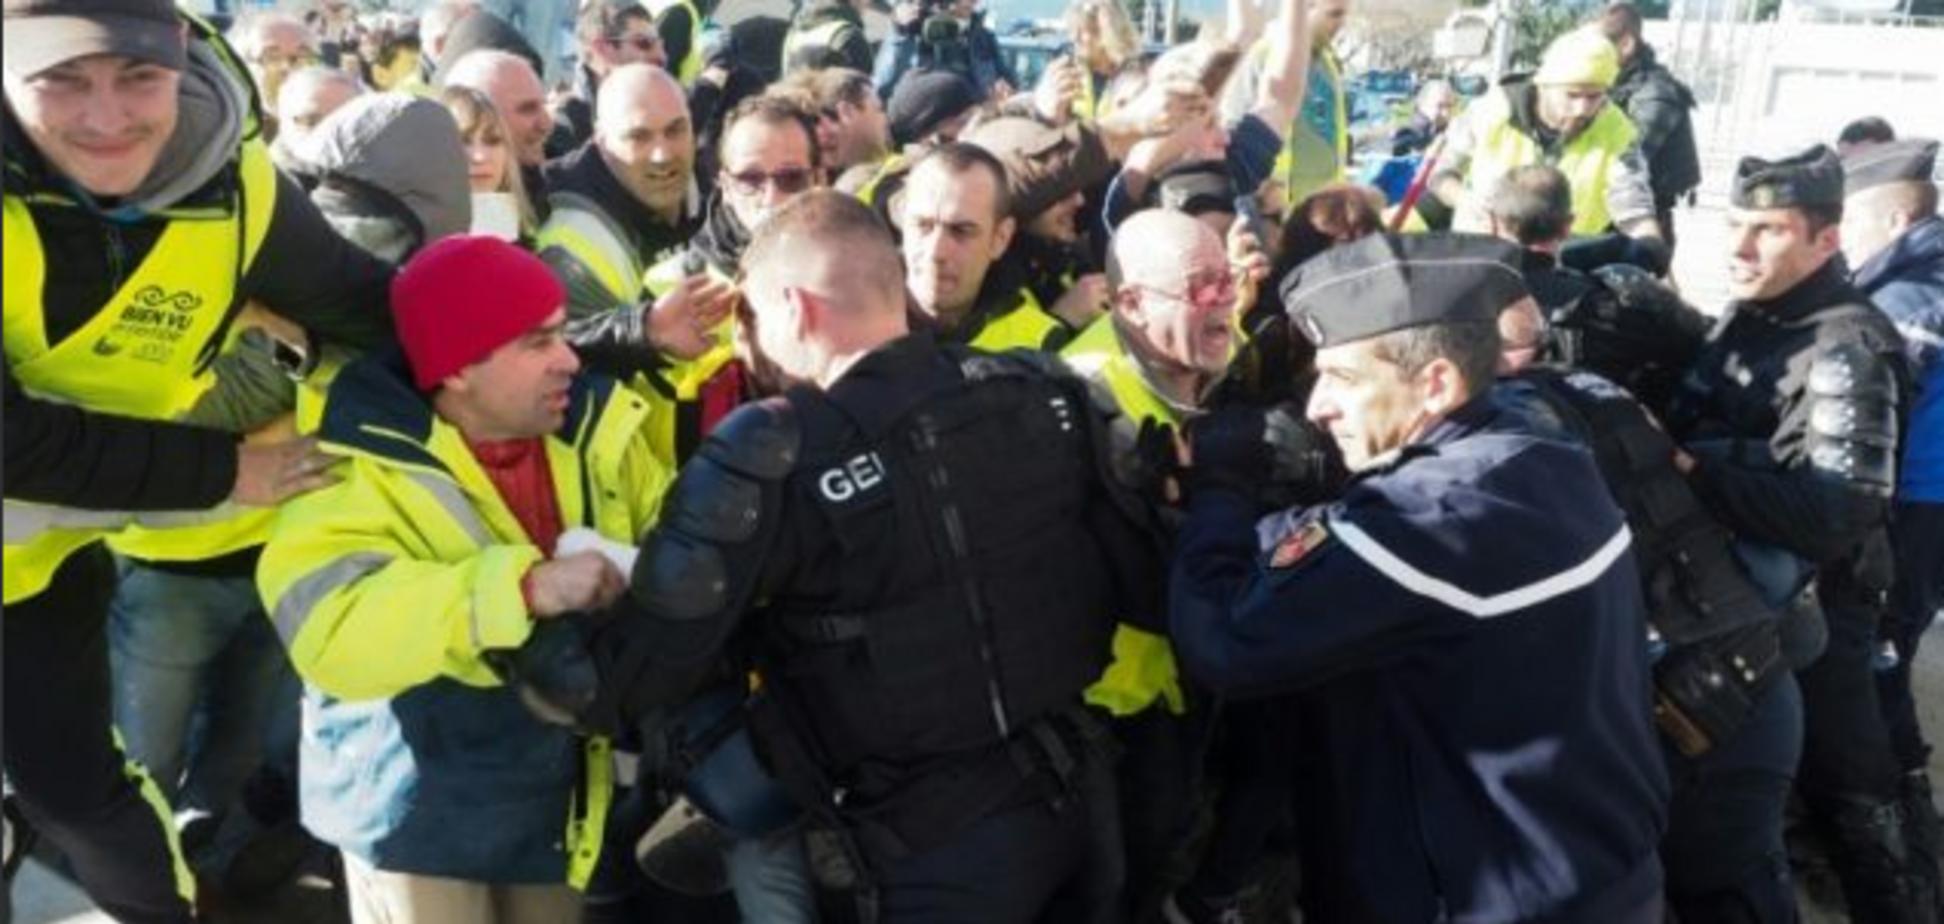 Во Франции вспыхнули новые протесты: опубликованы фото и видео